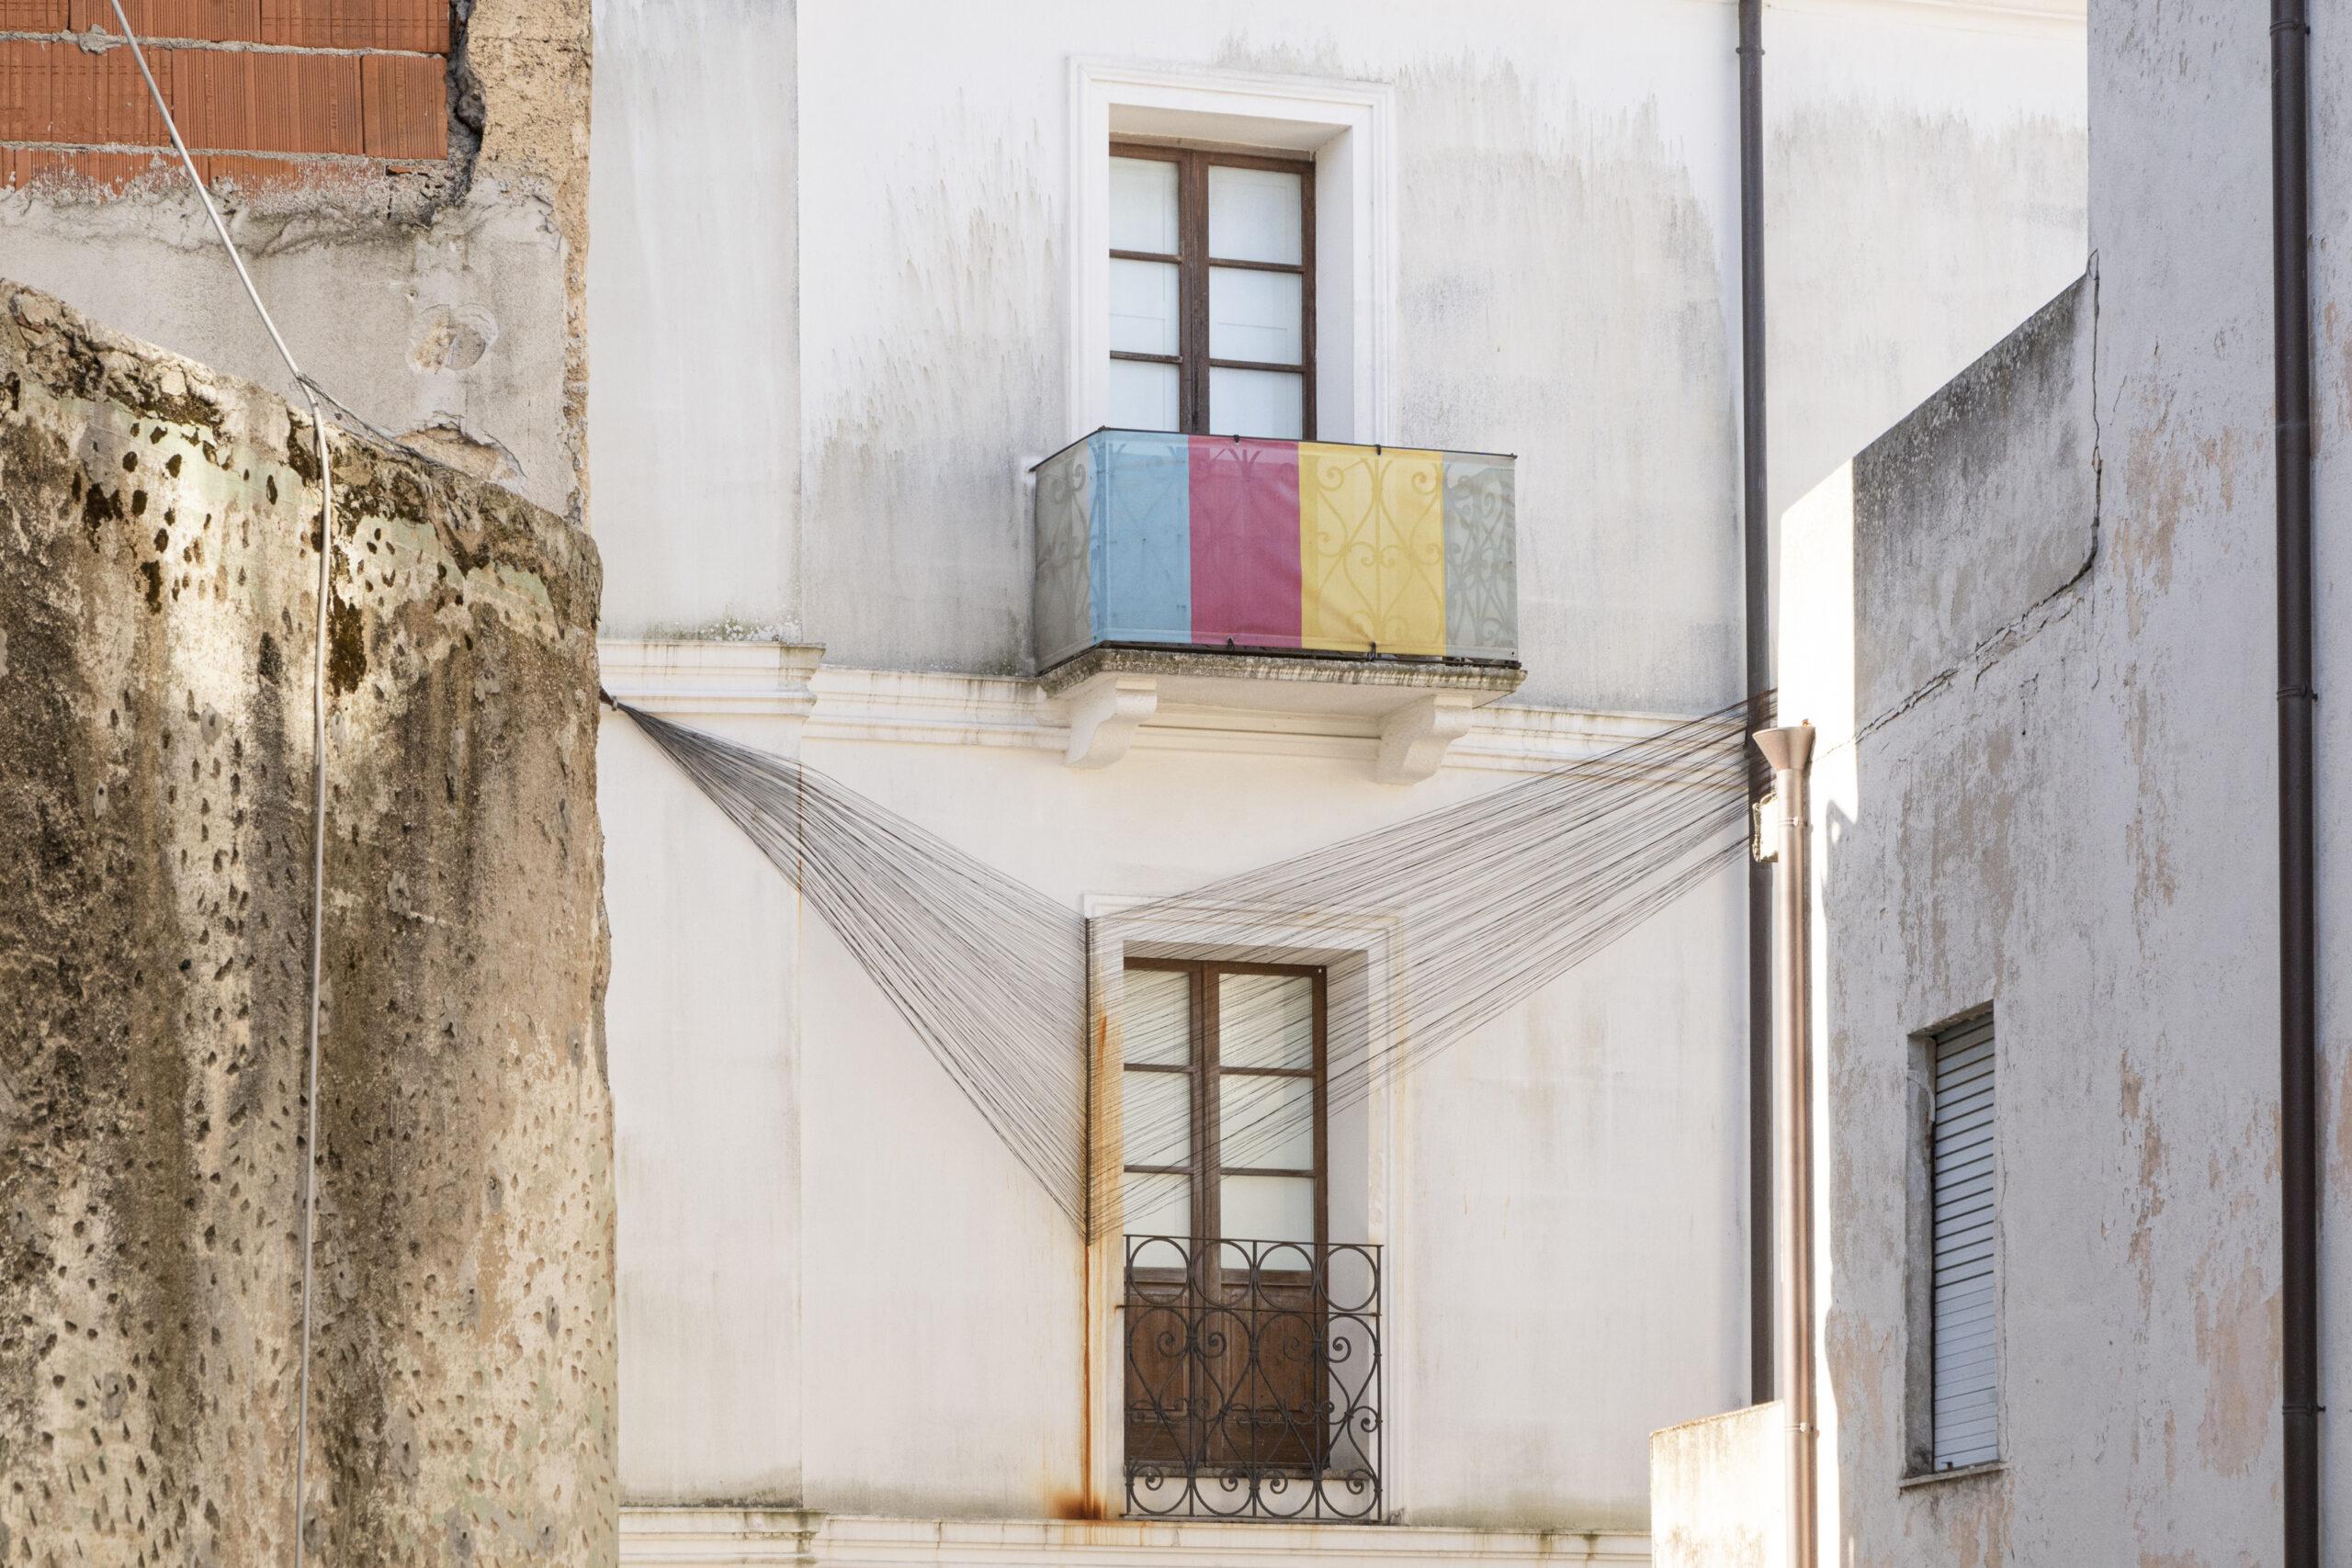 La nuova normalità dei musei. Intervista a Luigi Fassi, Man_Museo d'arte della Provincia di Nuoro